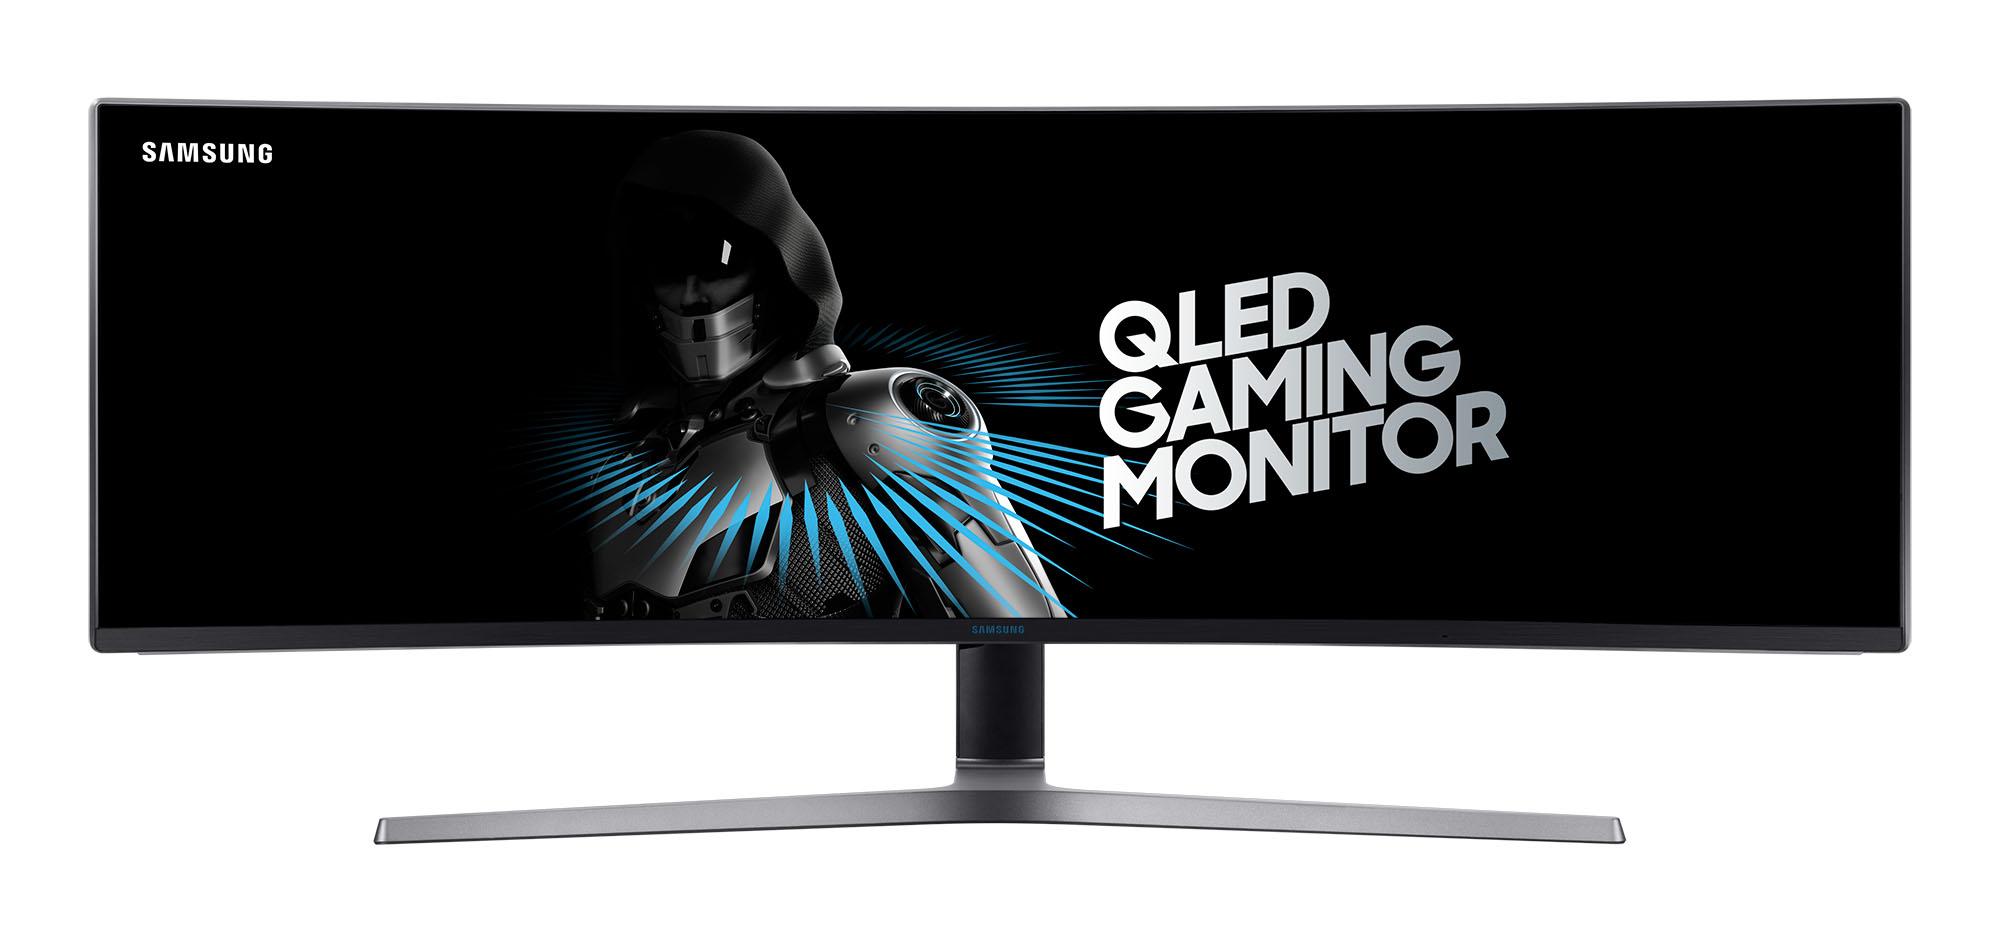 samsung drei gro e qled gaming monitore zwischen 27 und 49 zoll mit hdr unterst tzung news. Black Bedroom Furniture Sets. Home Design Ideas